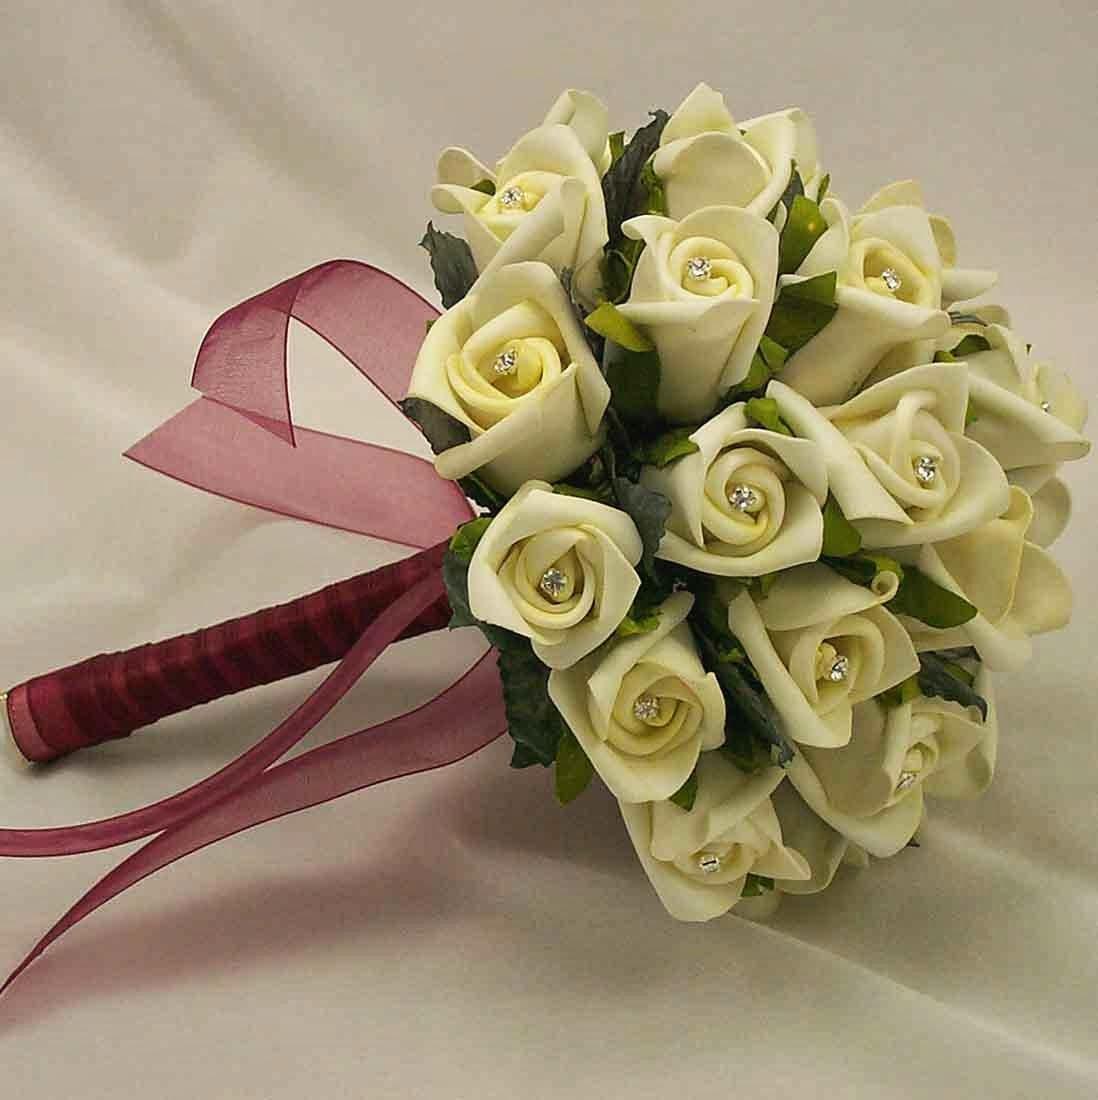 Cheap wedding flower arrangements ideas tyler living cheap wedding flower arrangements ideas izmirmasajfo